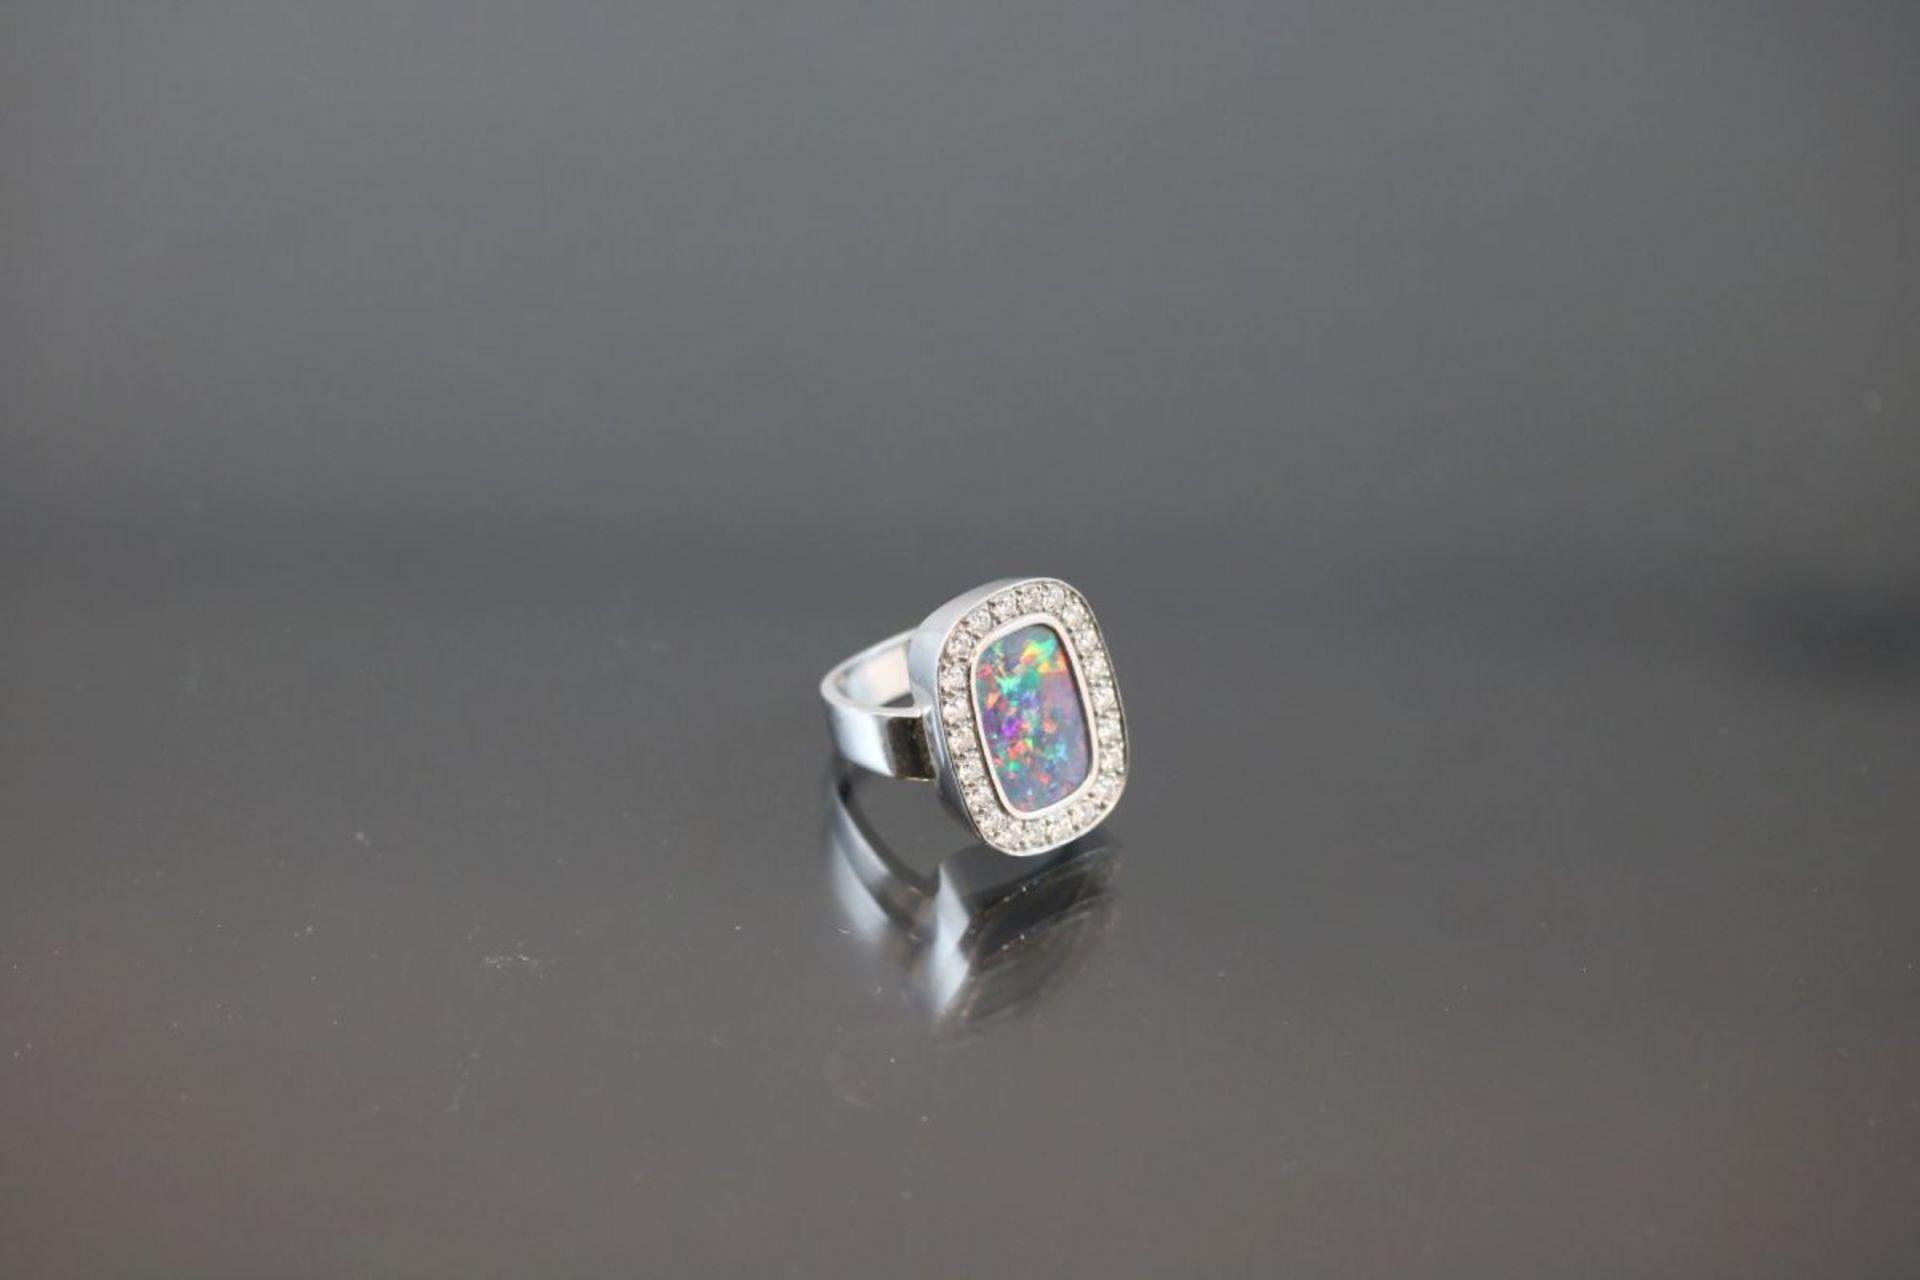 Opal-Brillant-Ring, 750 Weißgold11,3 Gramm 22 Brillanten, 0,66 ct., tw/vsi. Ringgröße: - Bild 2 aus 3